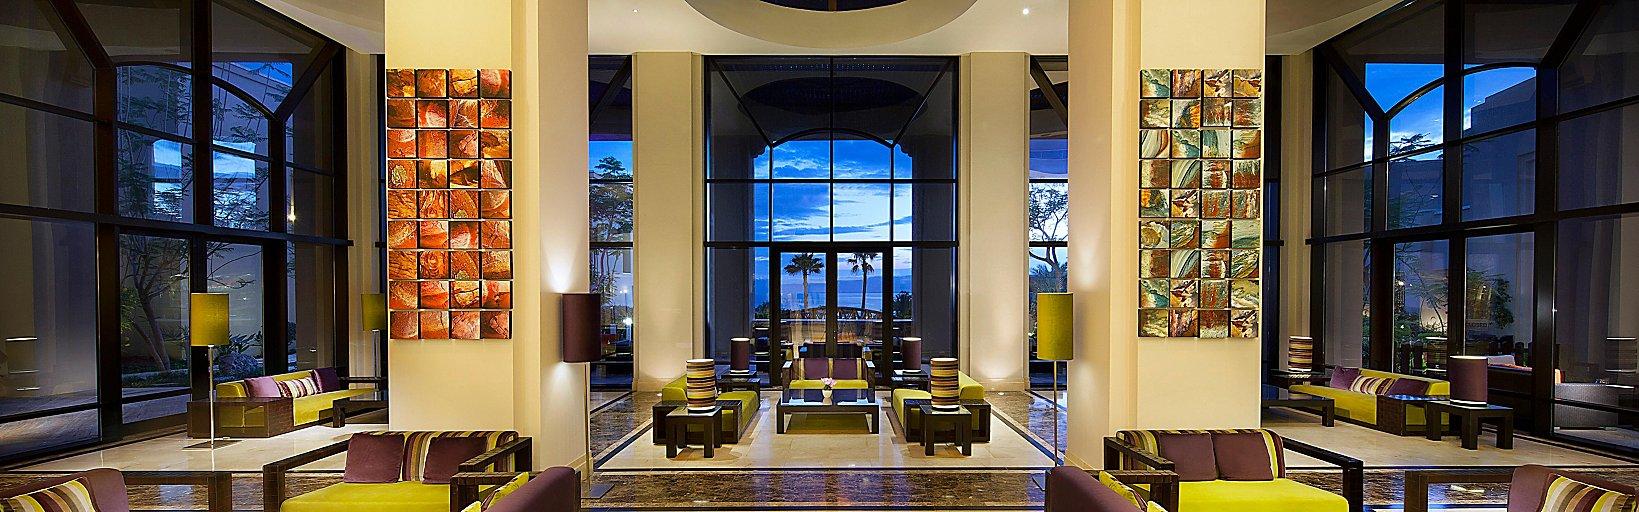 Holiday Inn Resort Dead Sea Lobby